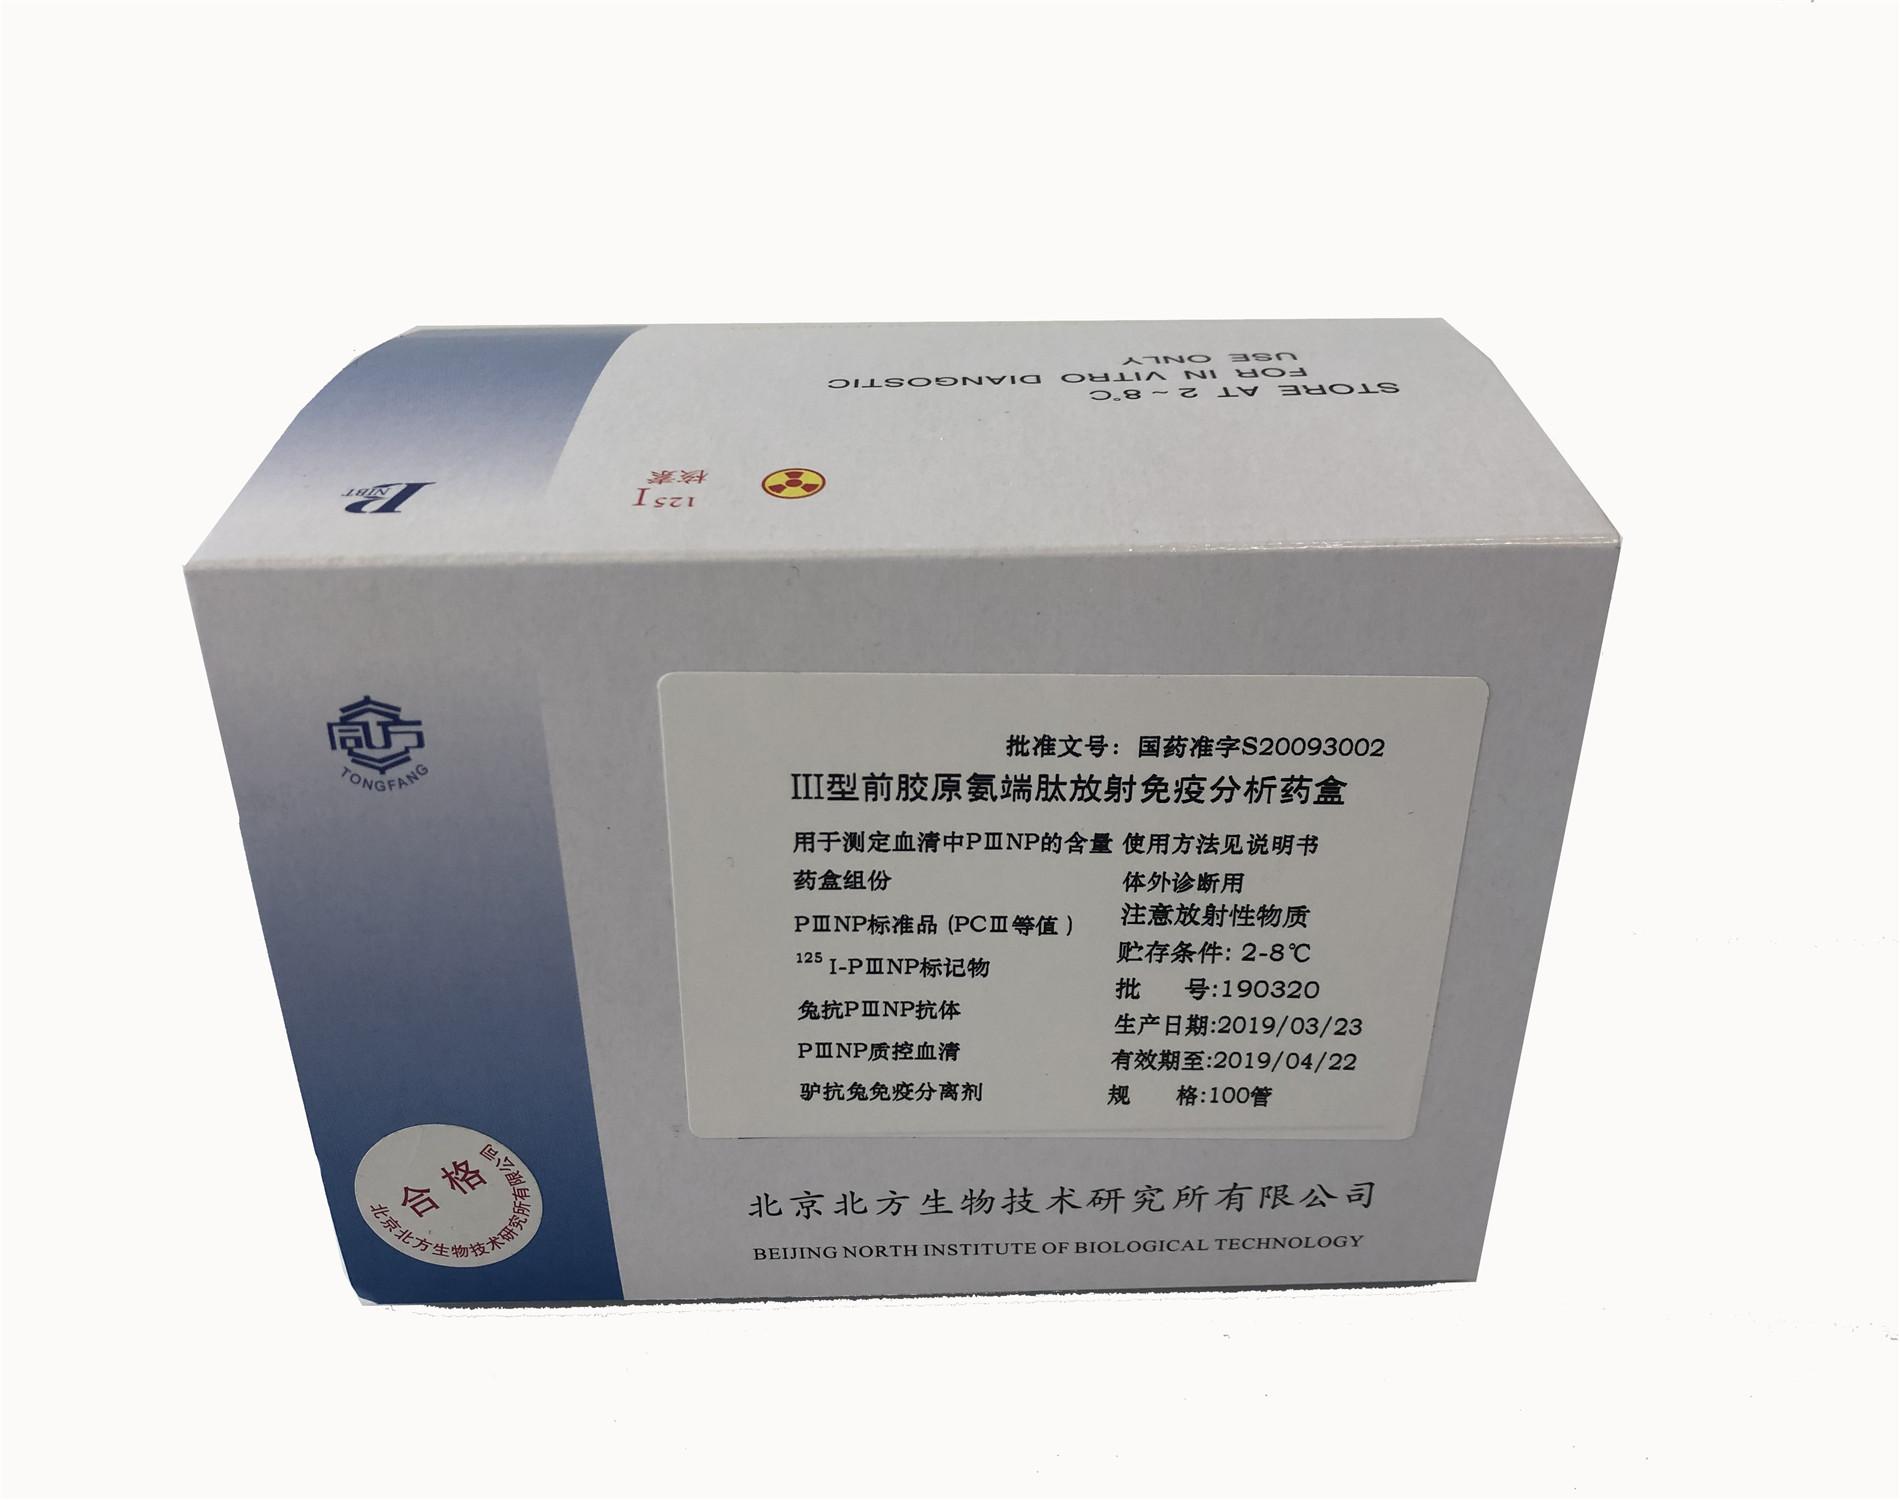 Ⅲ型前胶原氨端肽放射免疫分析药盒